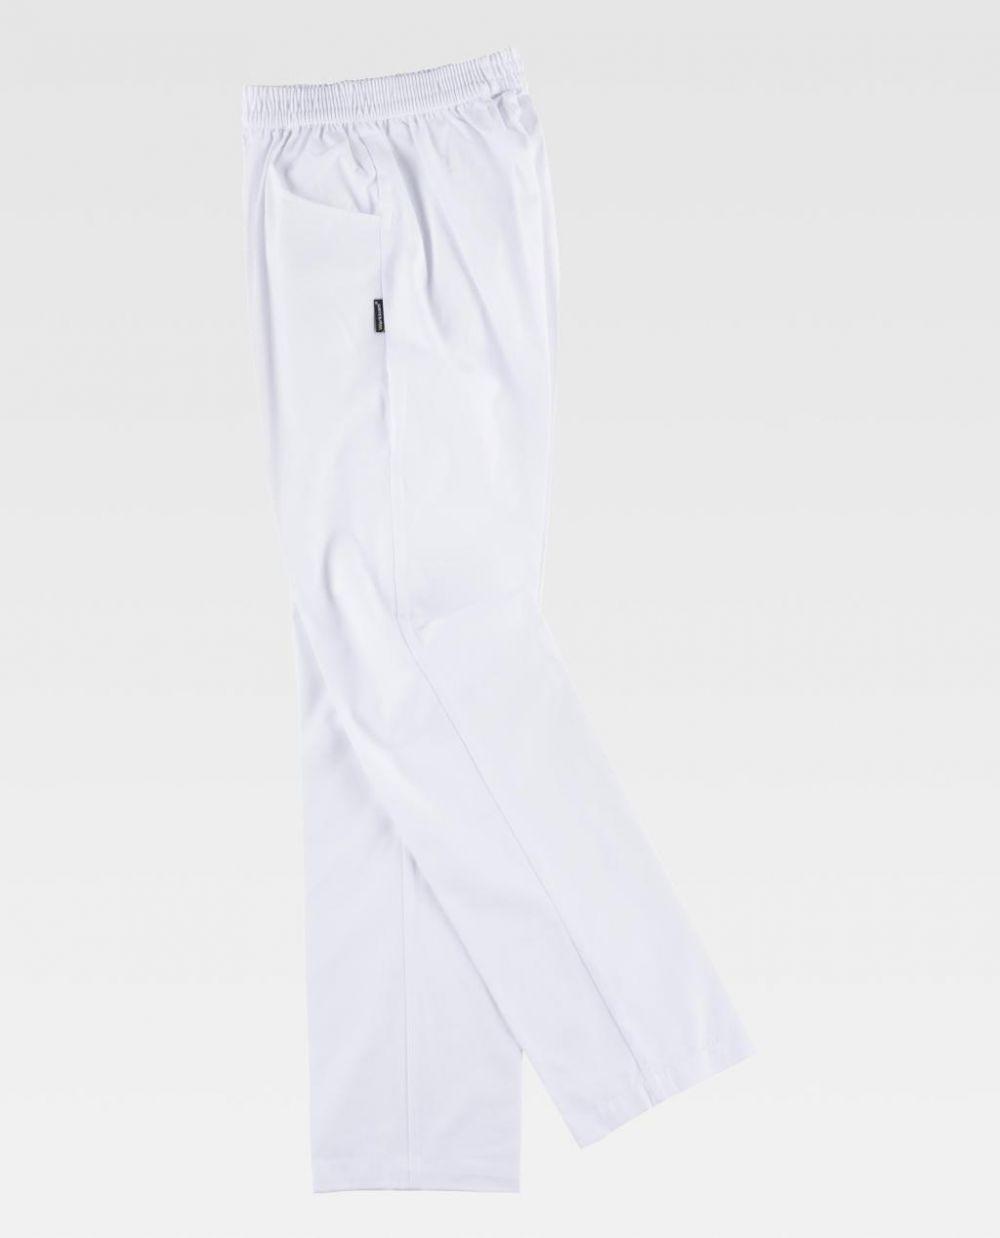 Pantalones sanitarios workteam servicios para personalizar vista 1